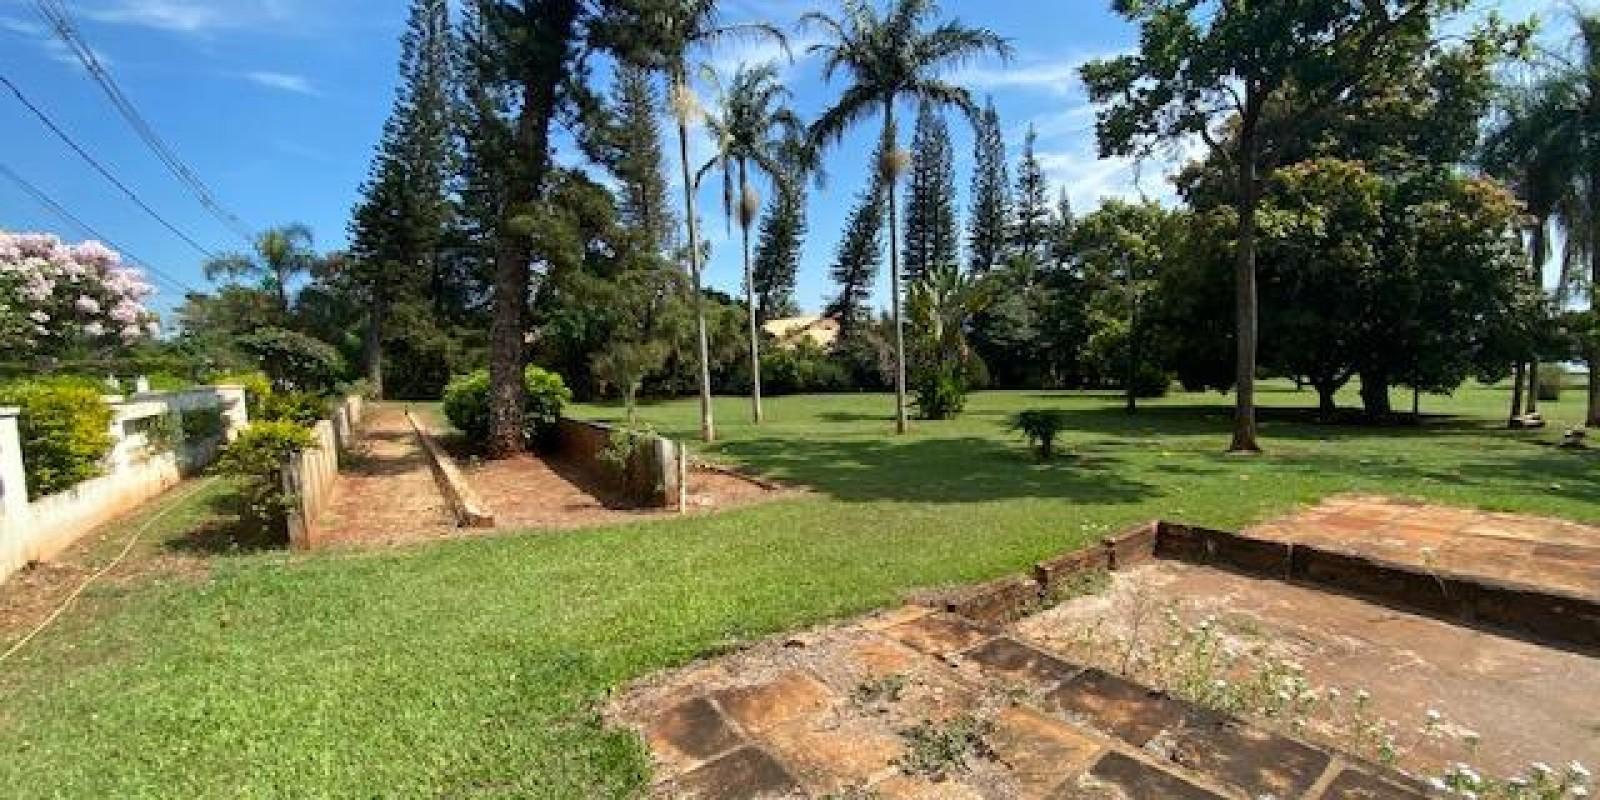 Casa Pé na Areia na Represa Condomínio Parque Náutico em Avaré SP - Foto 41 de 53